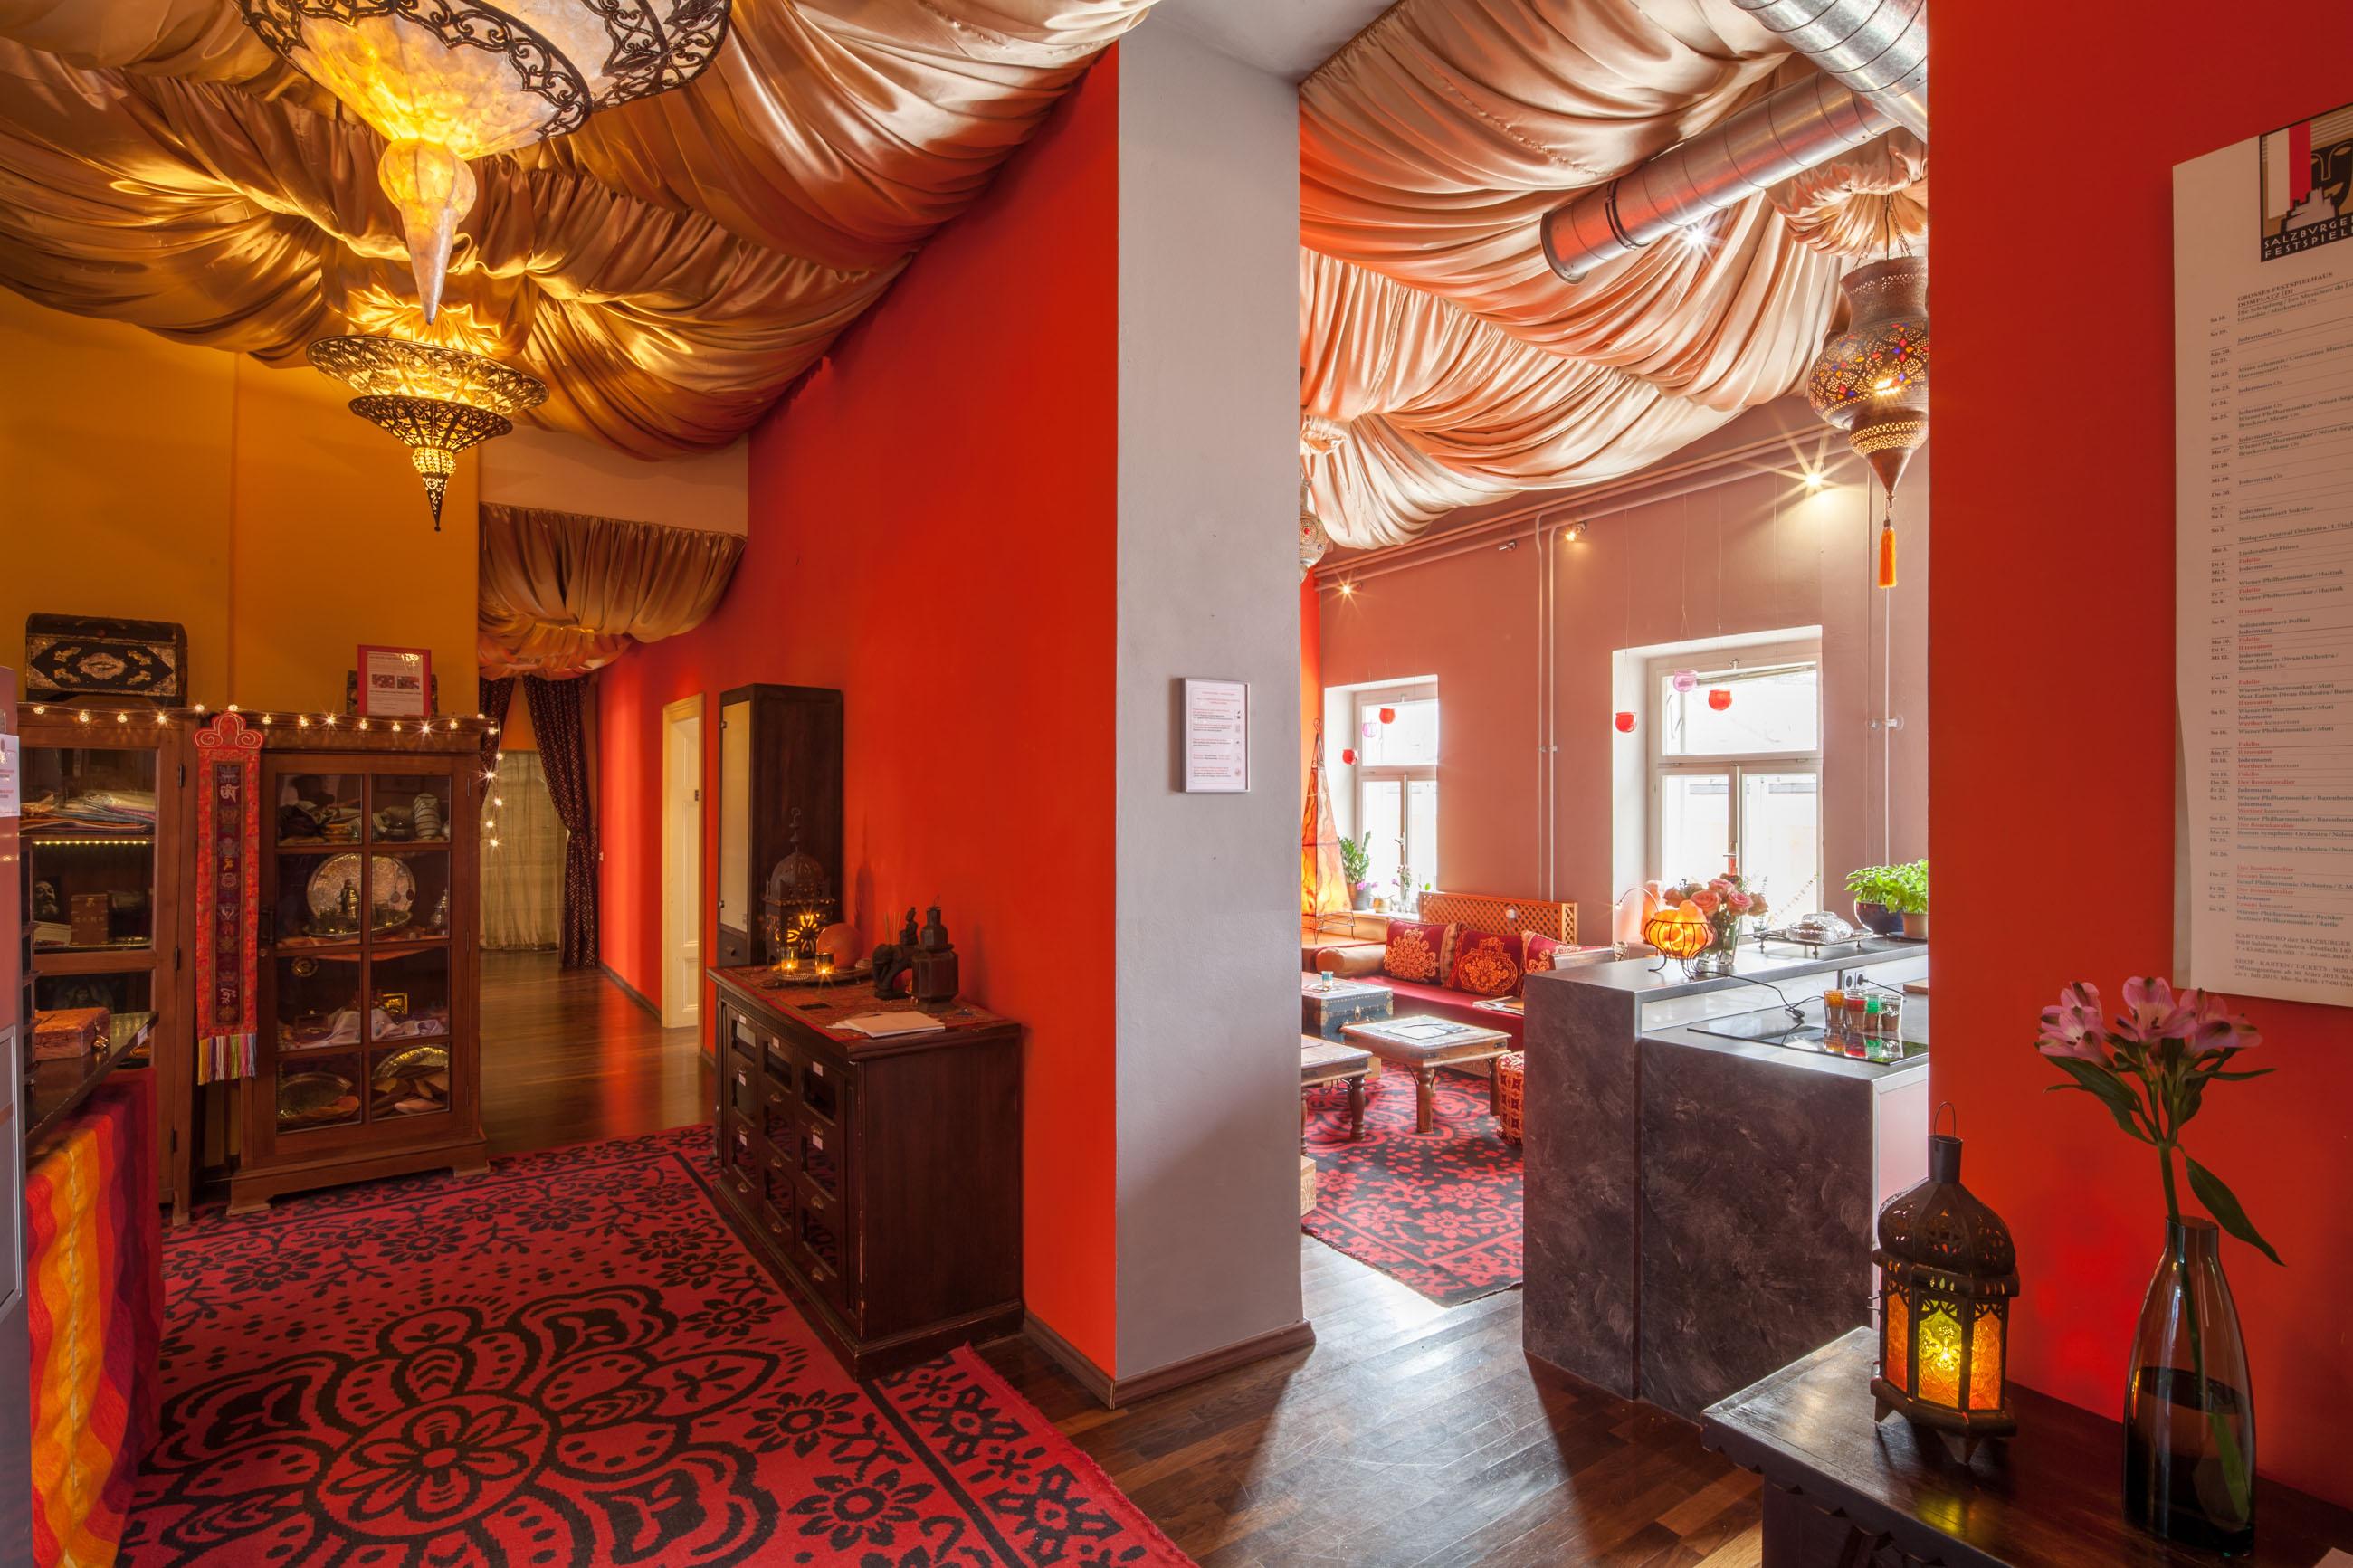 arte vida boutique guesthouse_2600px-5